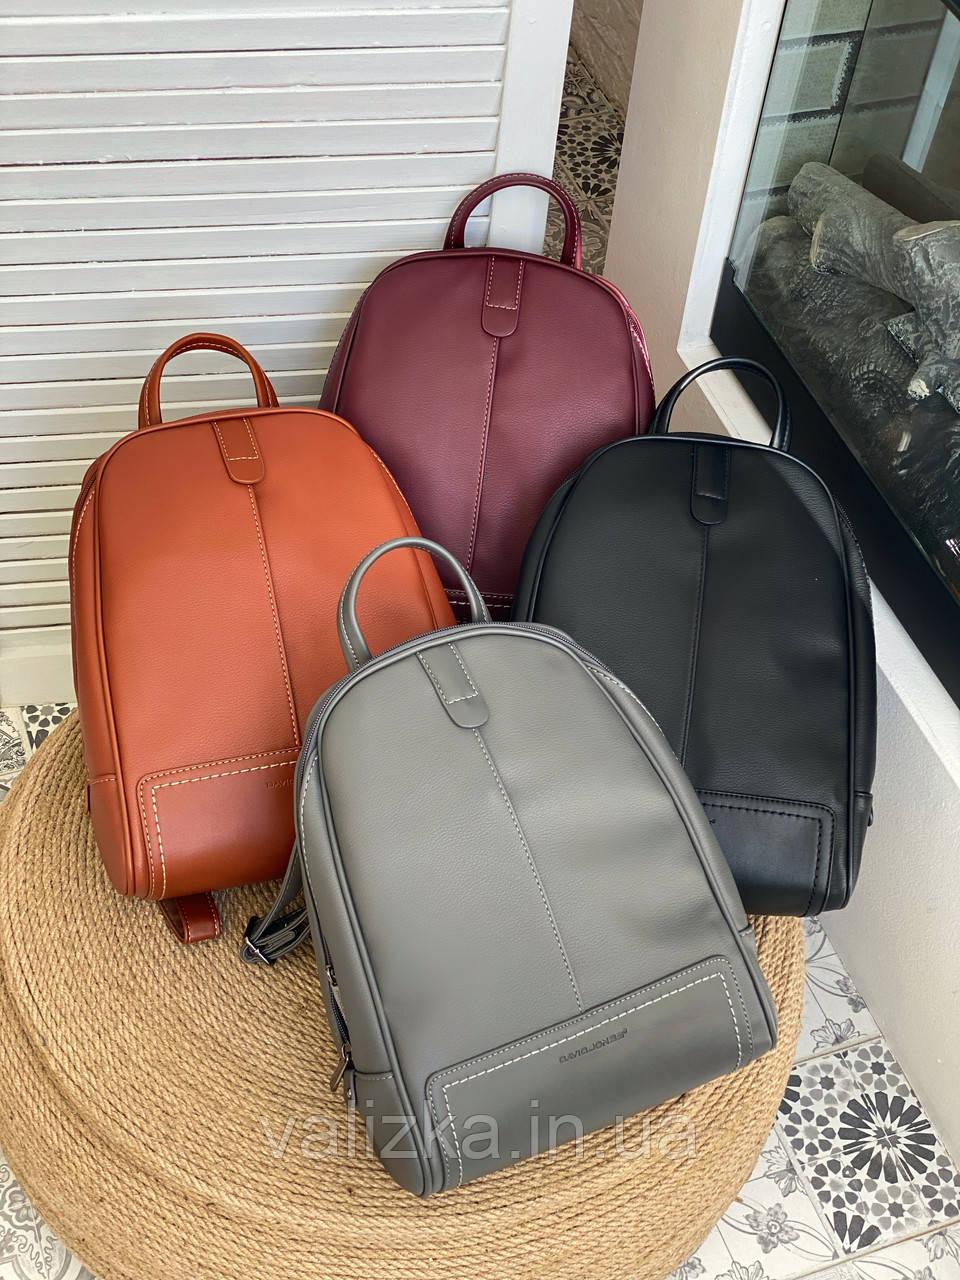 Рюкзак David Jones 5433  женский серый